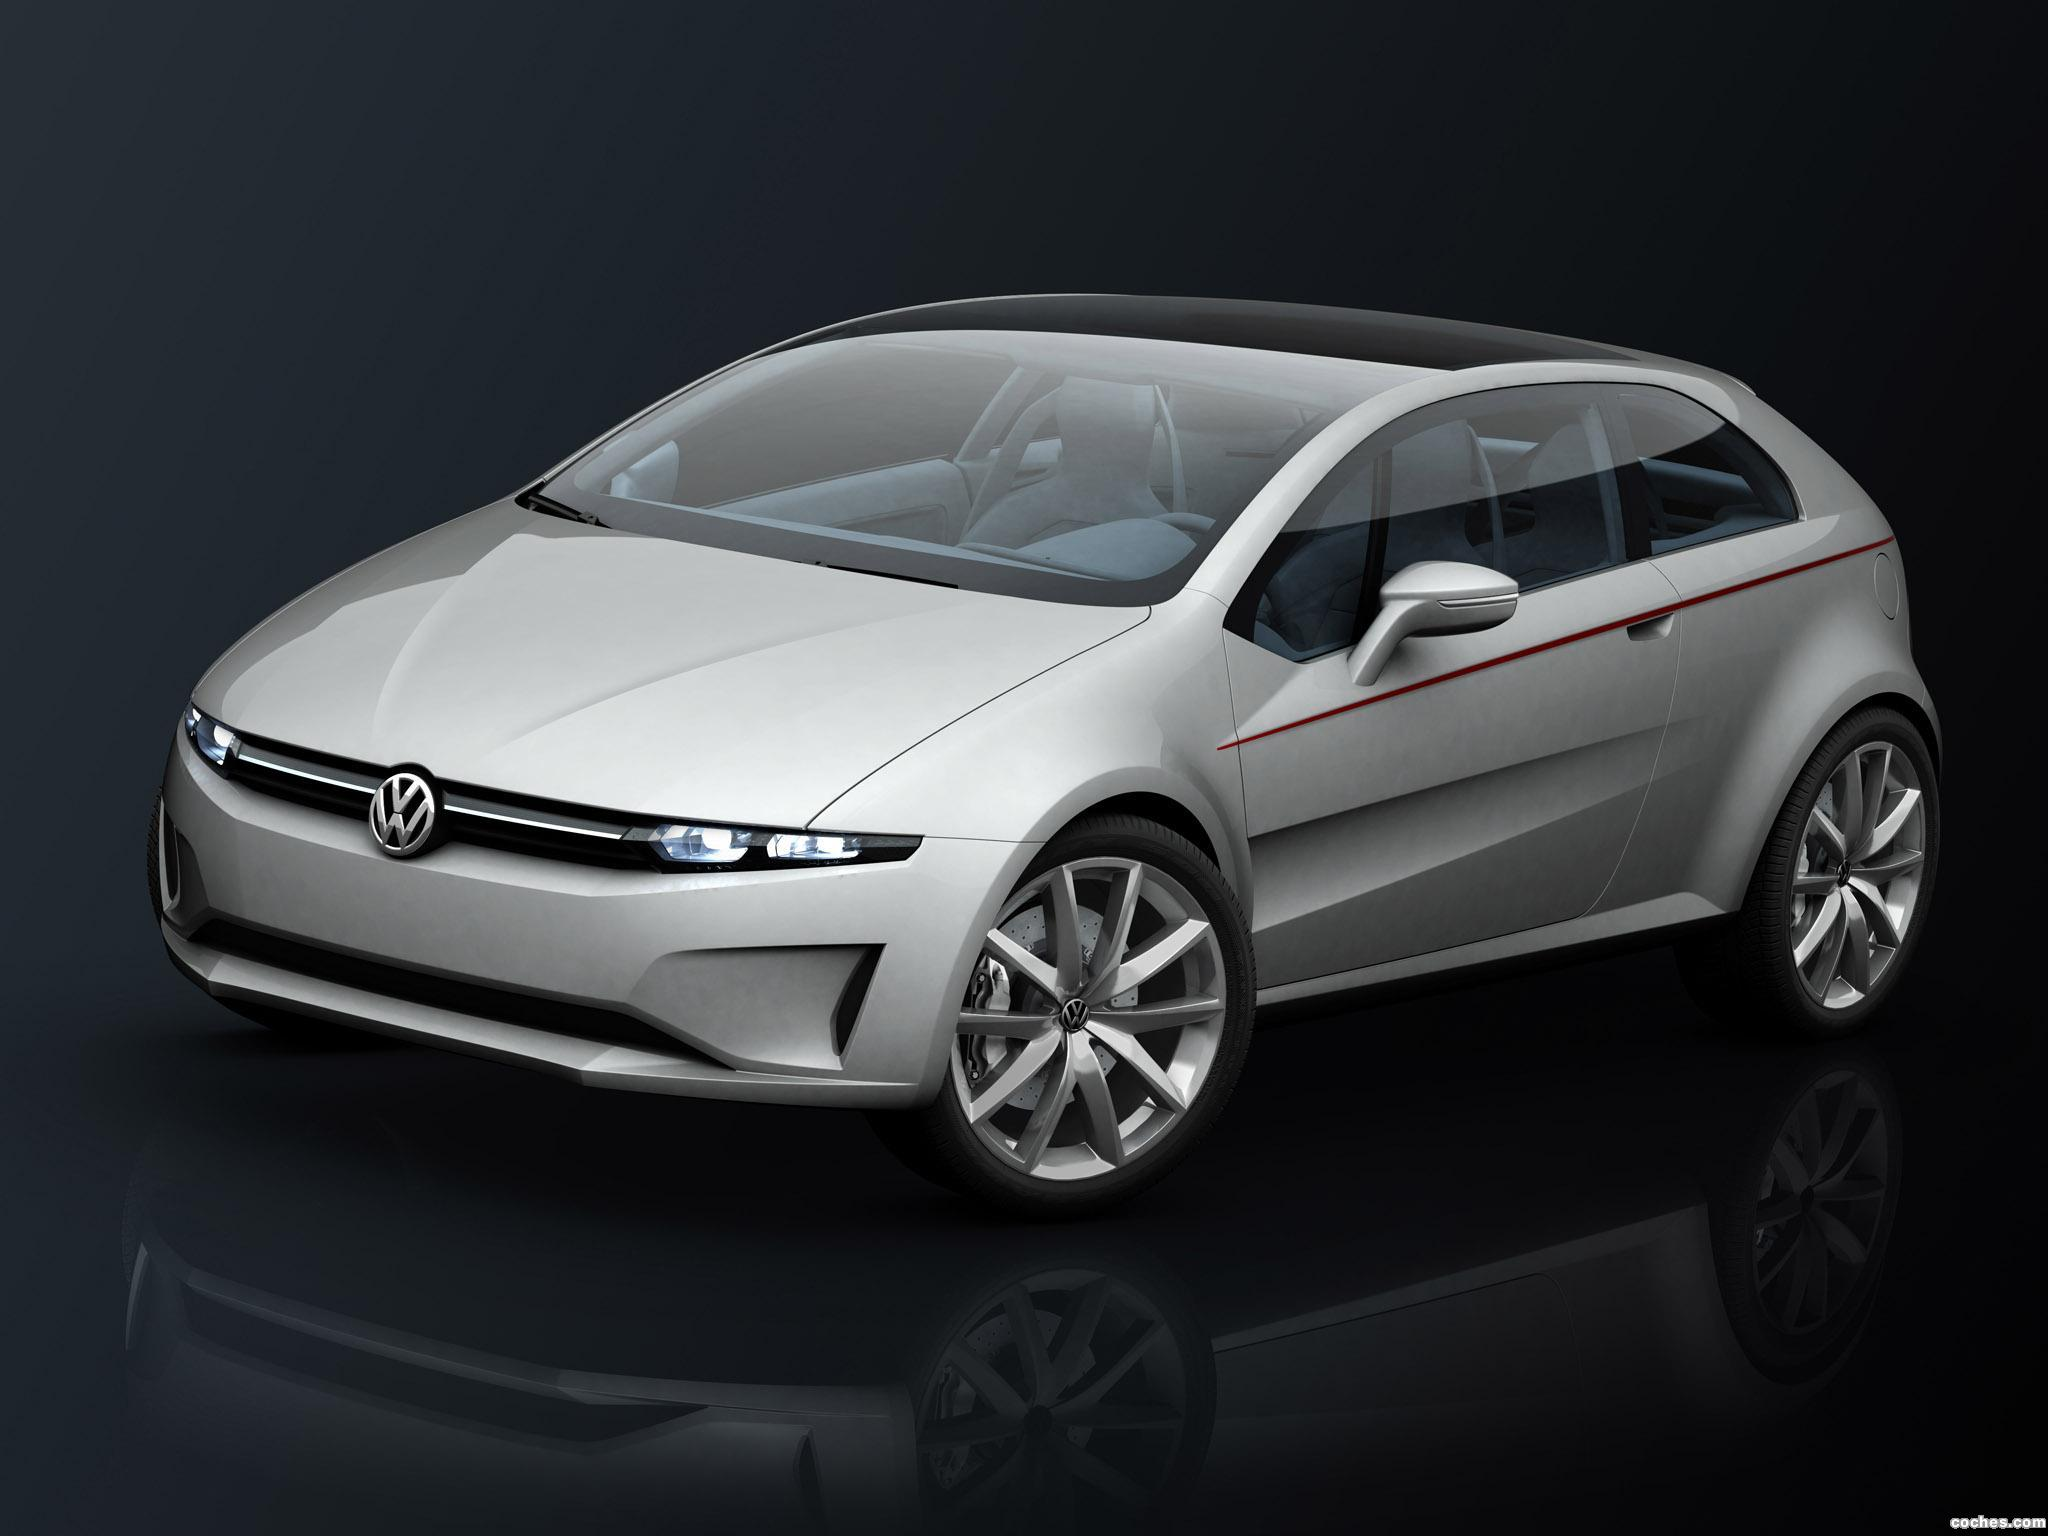 Foto 0 de Volkswagen Tex Concept Italdesign 2011